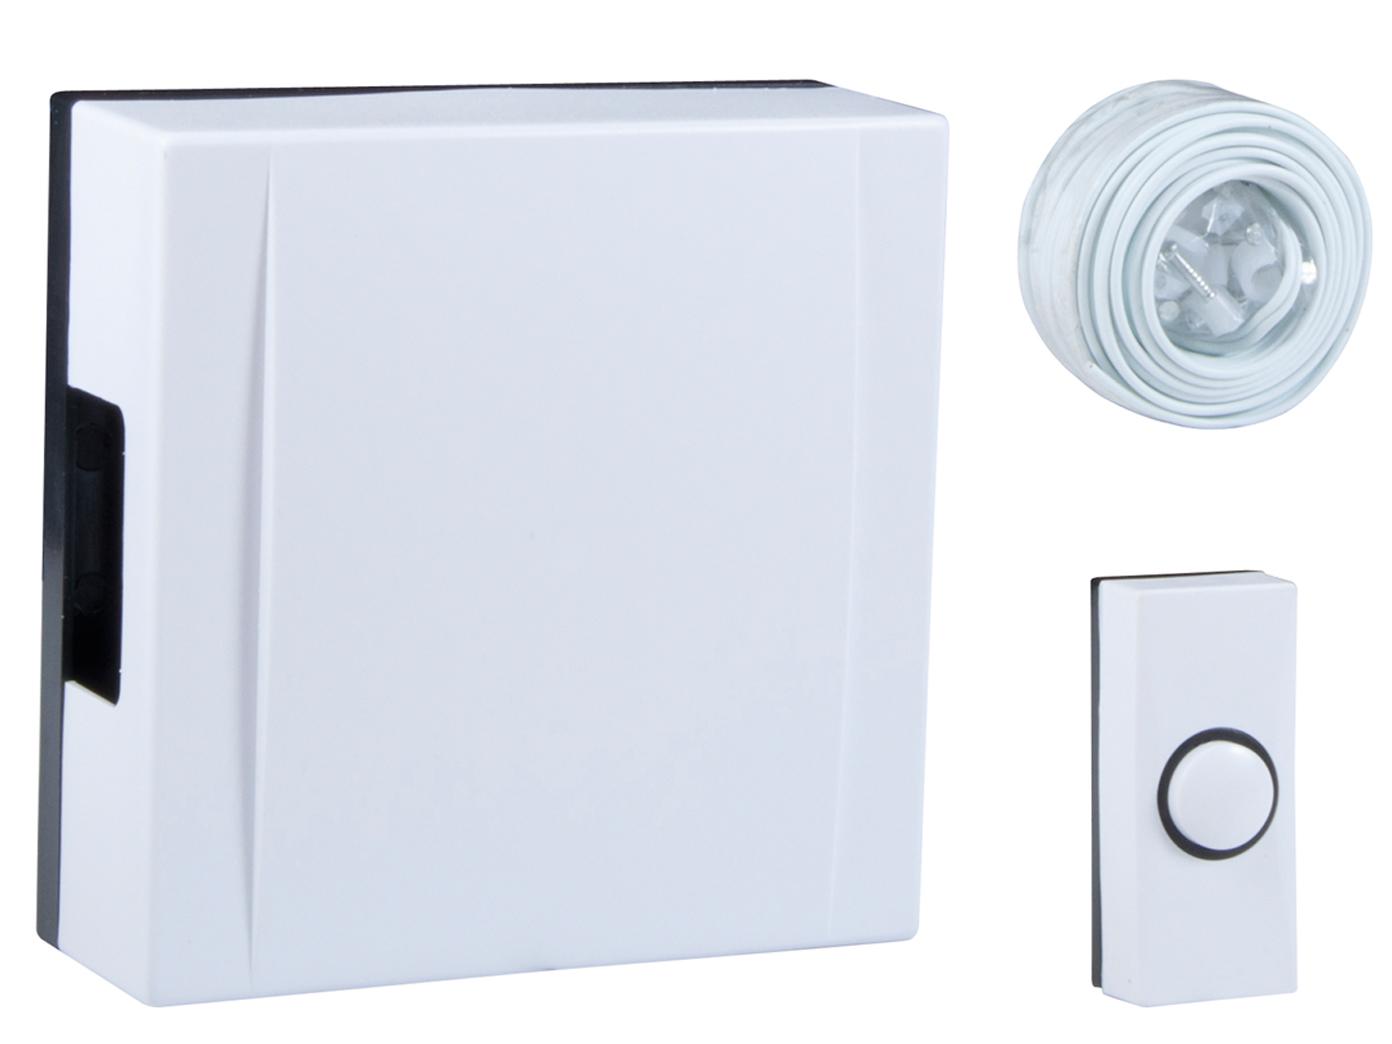 Haus Klingelanlage Elektrisches Türklingelset mit Klingeltaste /& Türglocke weiß